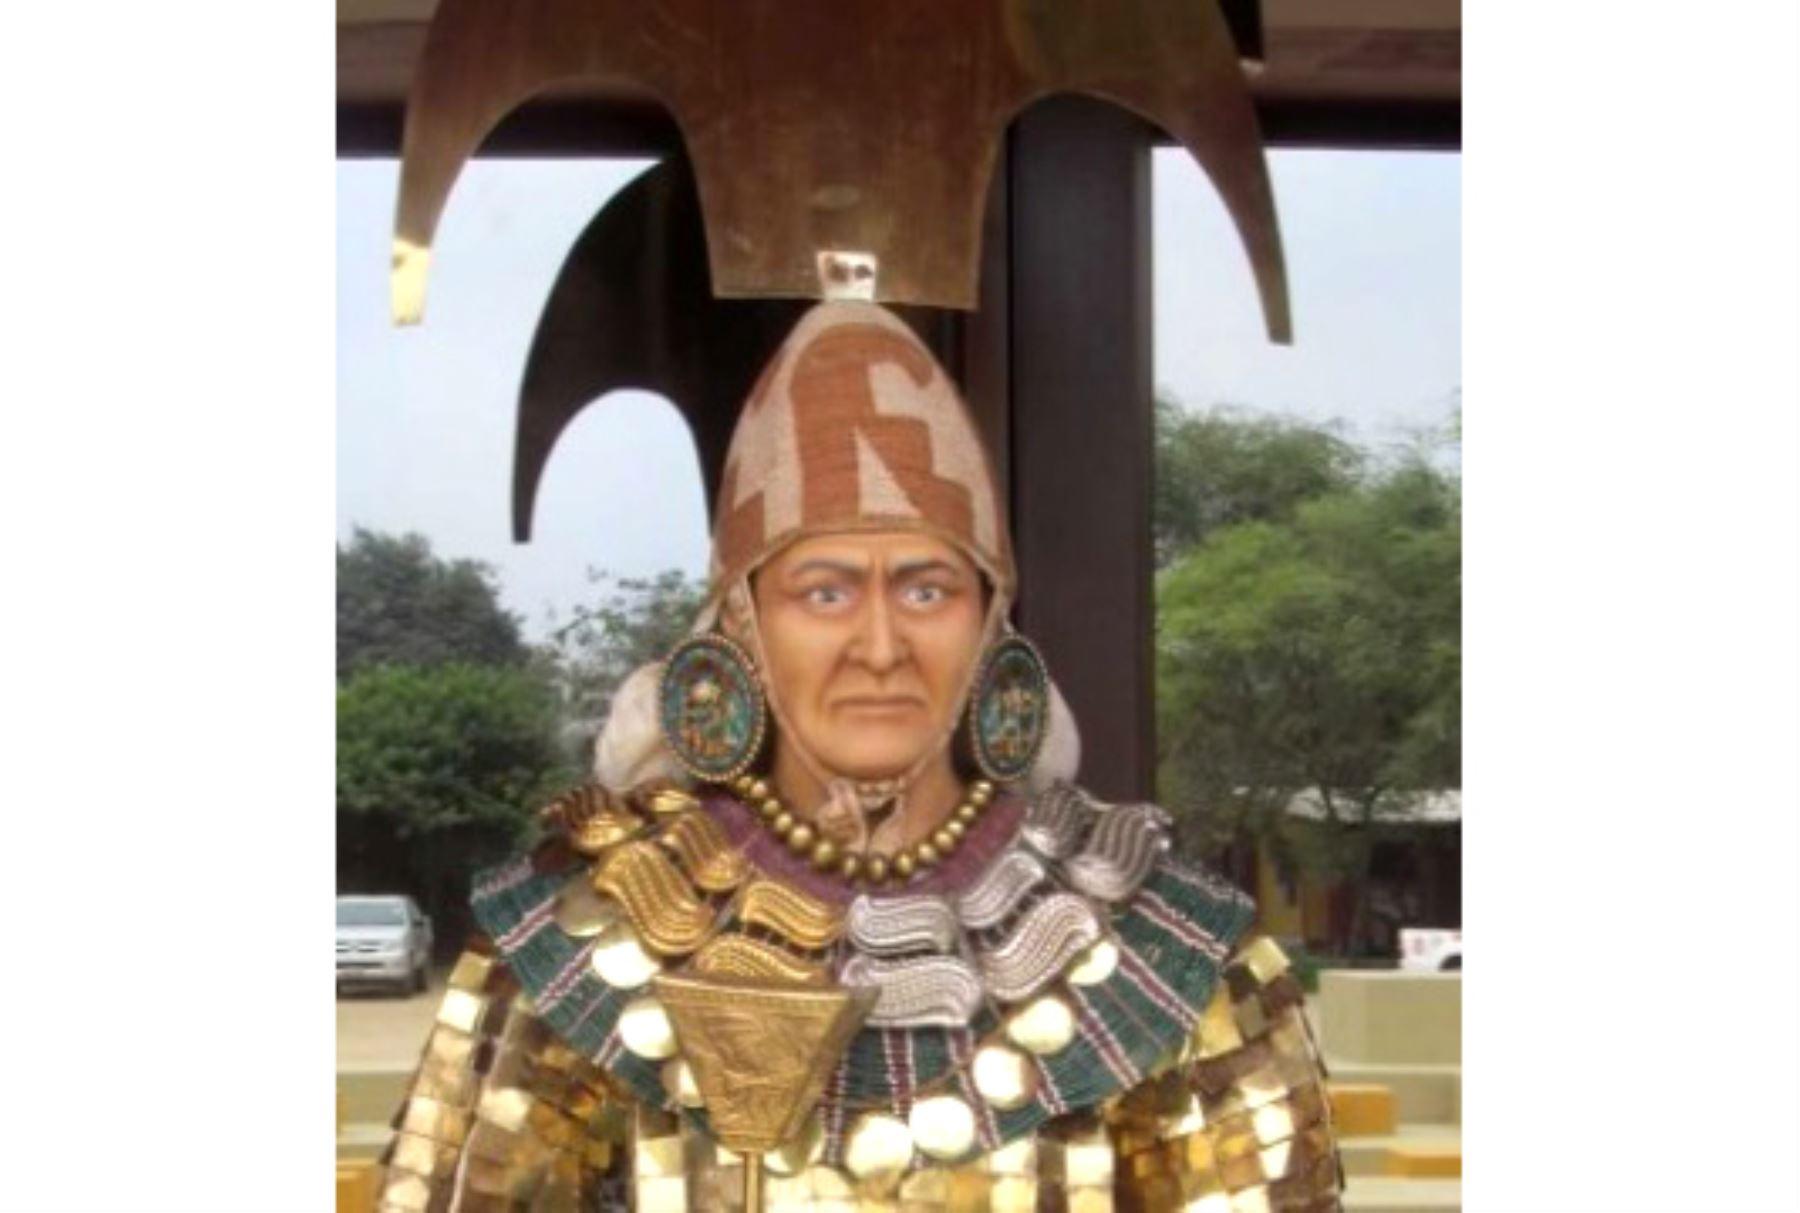 Busto con el rostro del jerarca moche que reinó hace 1,700 años los valles de Lambayeque, reconstruido gracias a la técnica 3D.